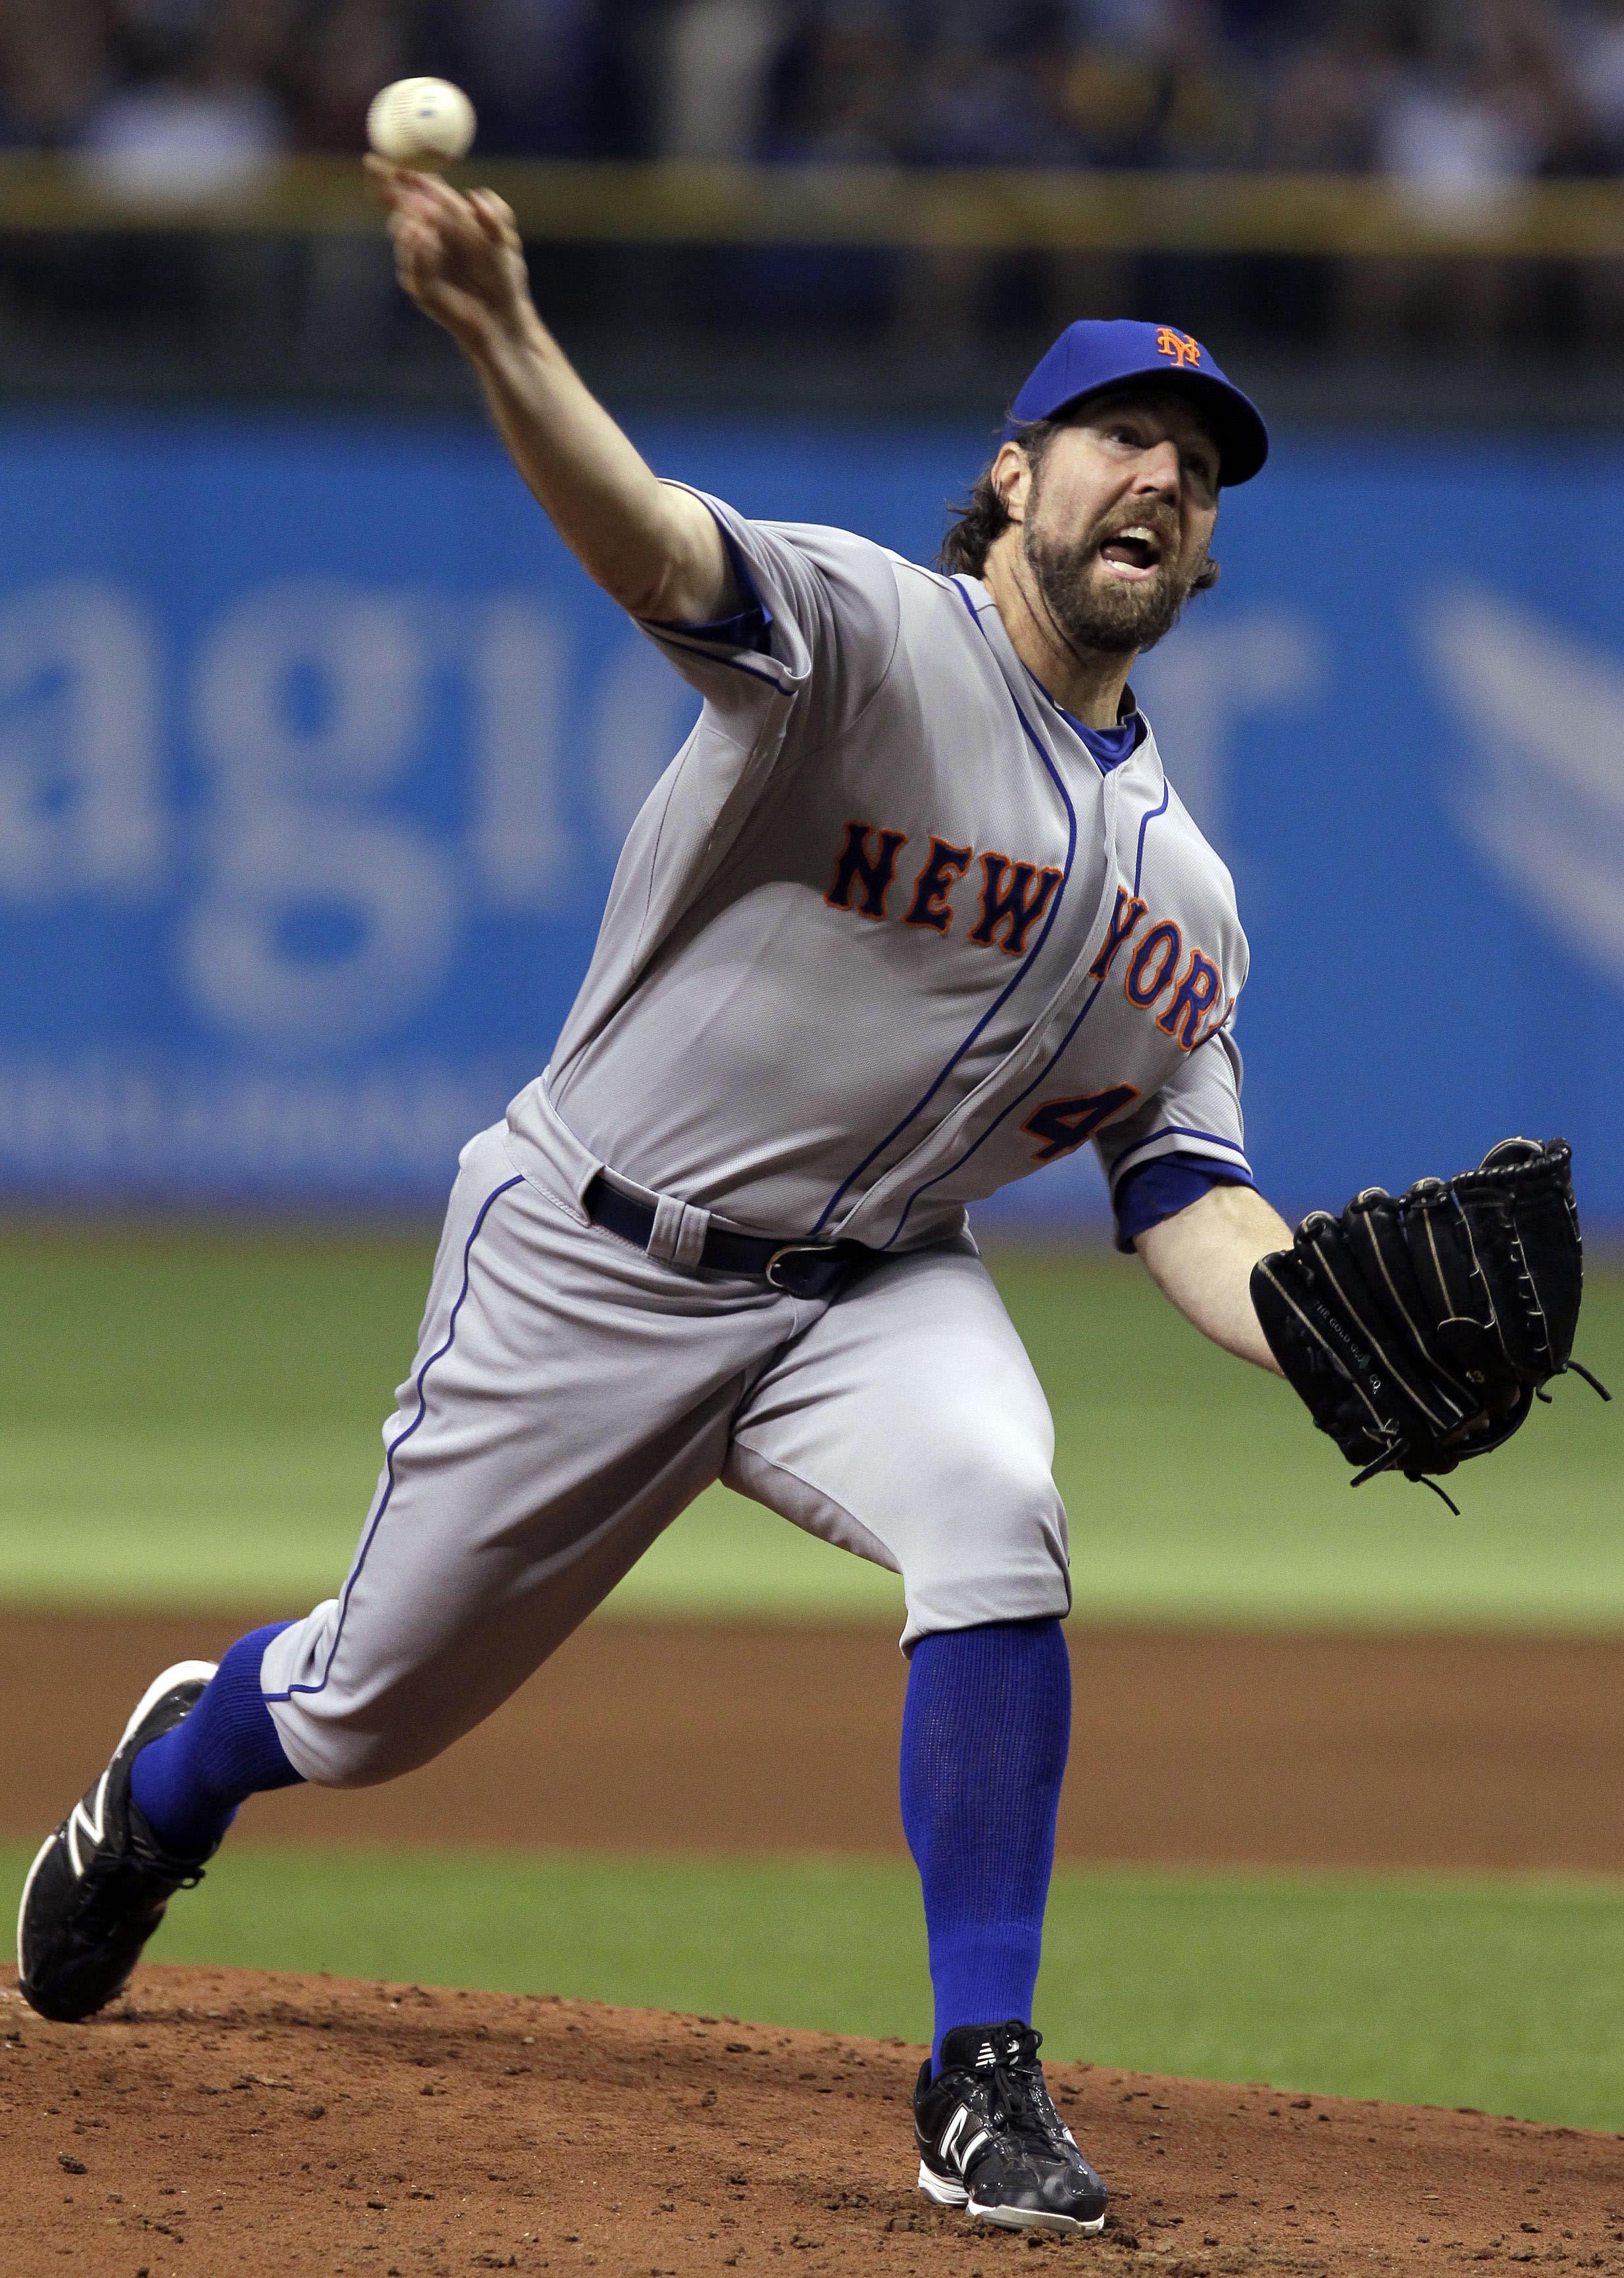 R.A. Dickey de los Mets de Nueva York lanza contra los Rays de Tampa Bay el miércoles 13 de junio de 2012. (AP Foto/Chris O'Meara)